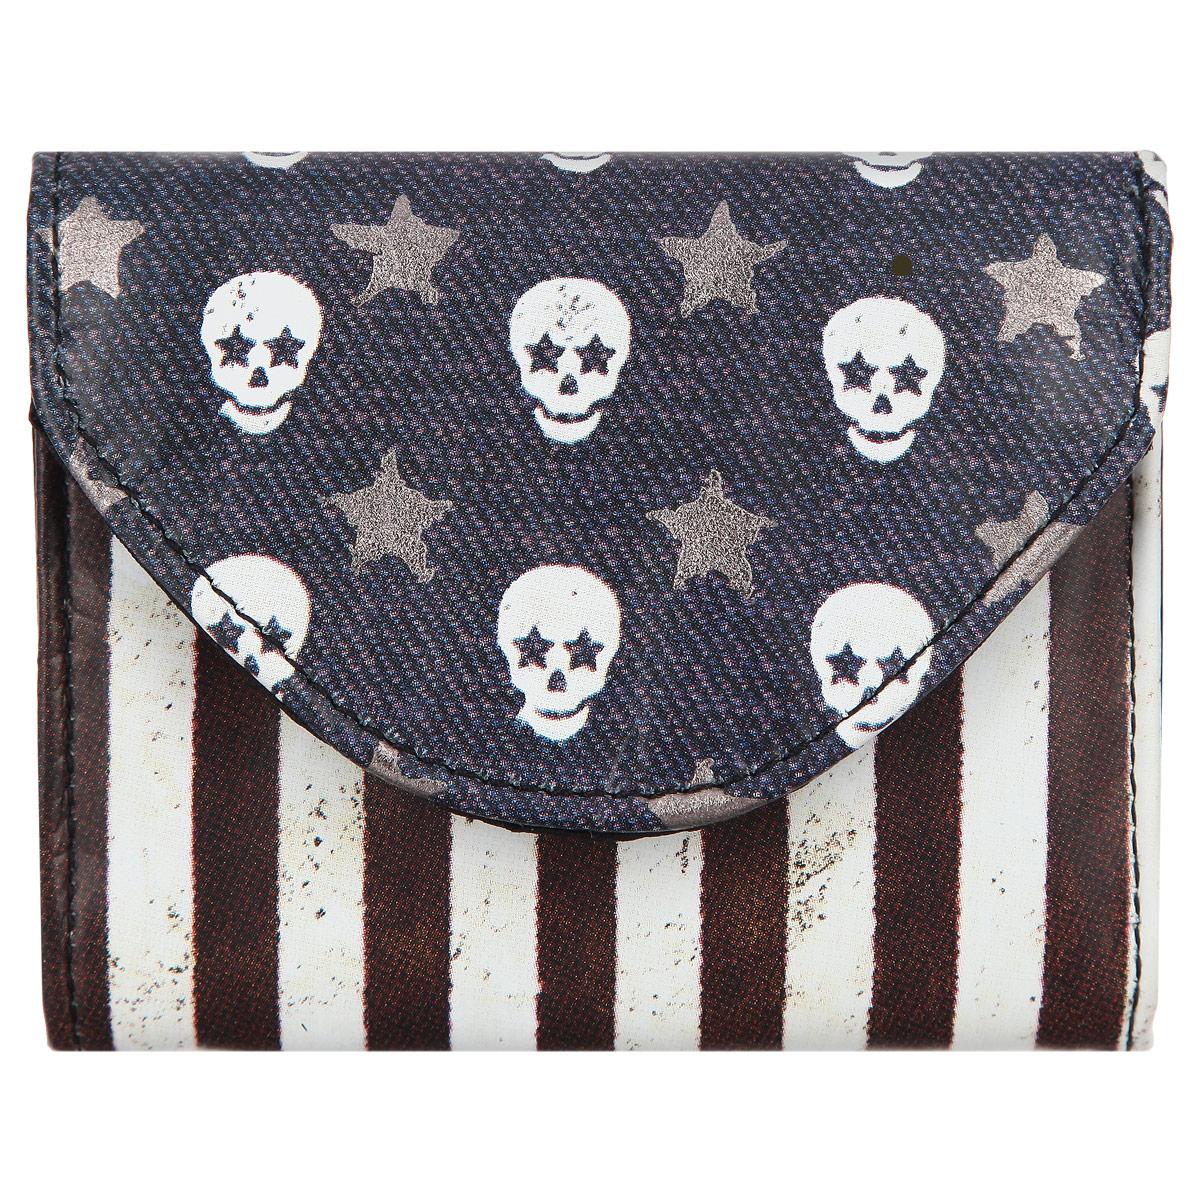 Визитница-кошелек Mojo pax Skull Flag, цвет: синий, белый, серебряный. KU9982983KU9982983Стильная визитница-кошелек MOJO PAX Skull Flag выполнена из полиэстера и оформлена оригинальным принтом с изображением флага. Изделие закрывается магнитную кнопку, внутри одно отделение. Такая визитница-кошелек станет замечательным подарком человеку, ценящему оригинальные вещи.